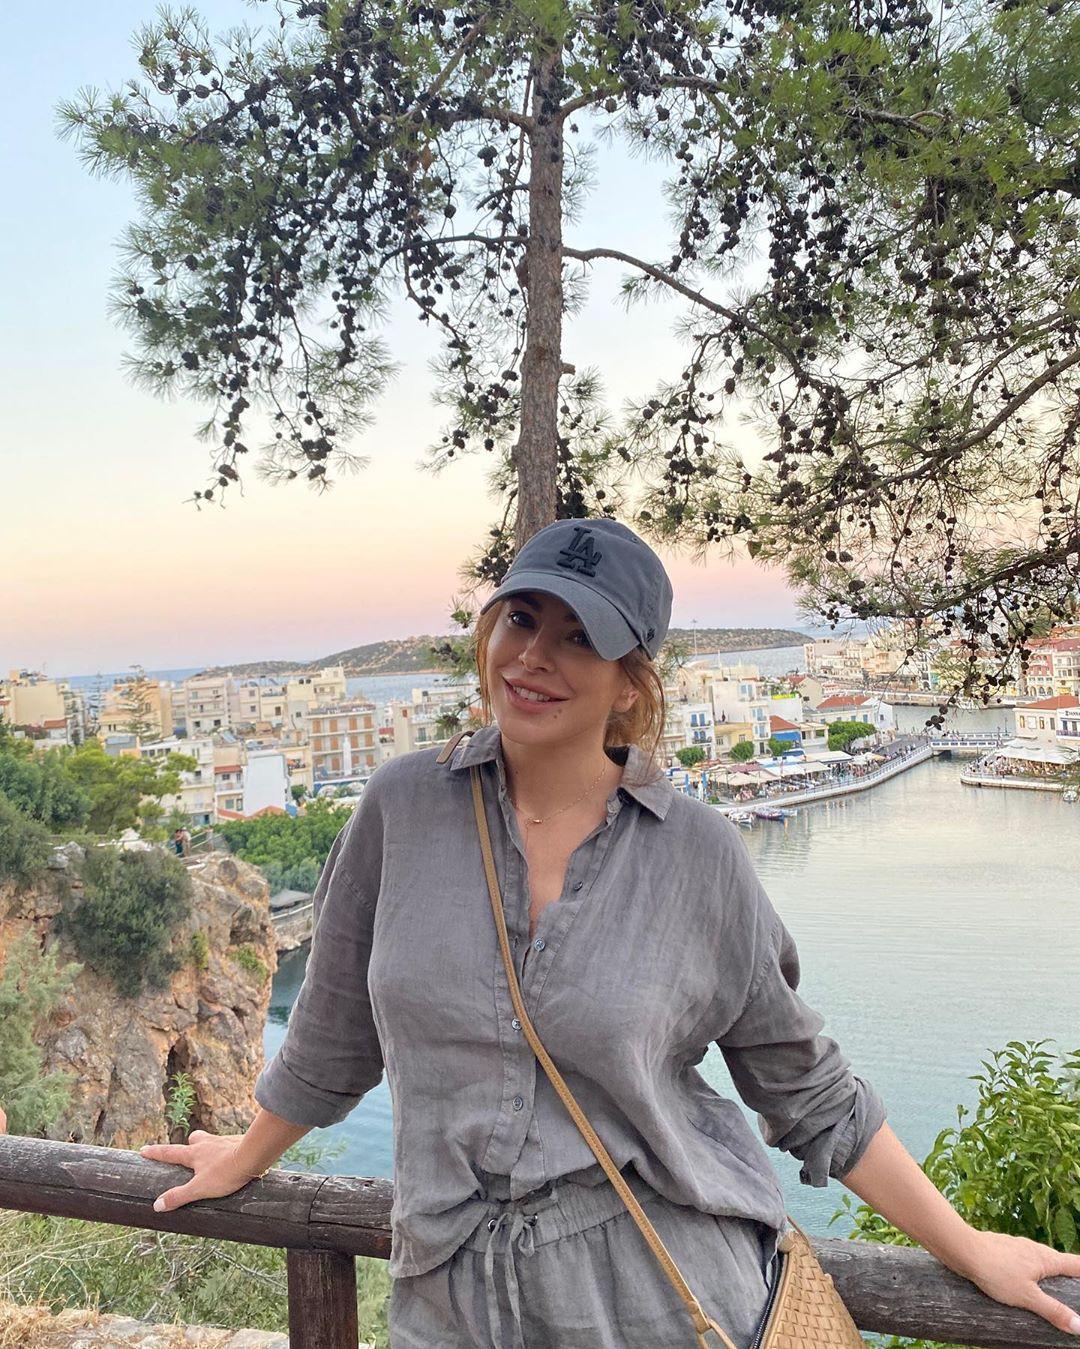 Φίλος: Η Άνι Λοράκ και η ενήλικη κόρη της είναι διακοπές στην Ελλάδα